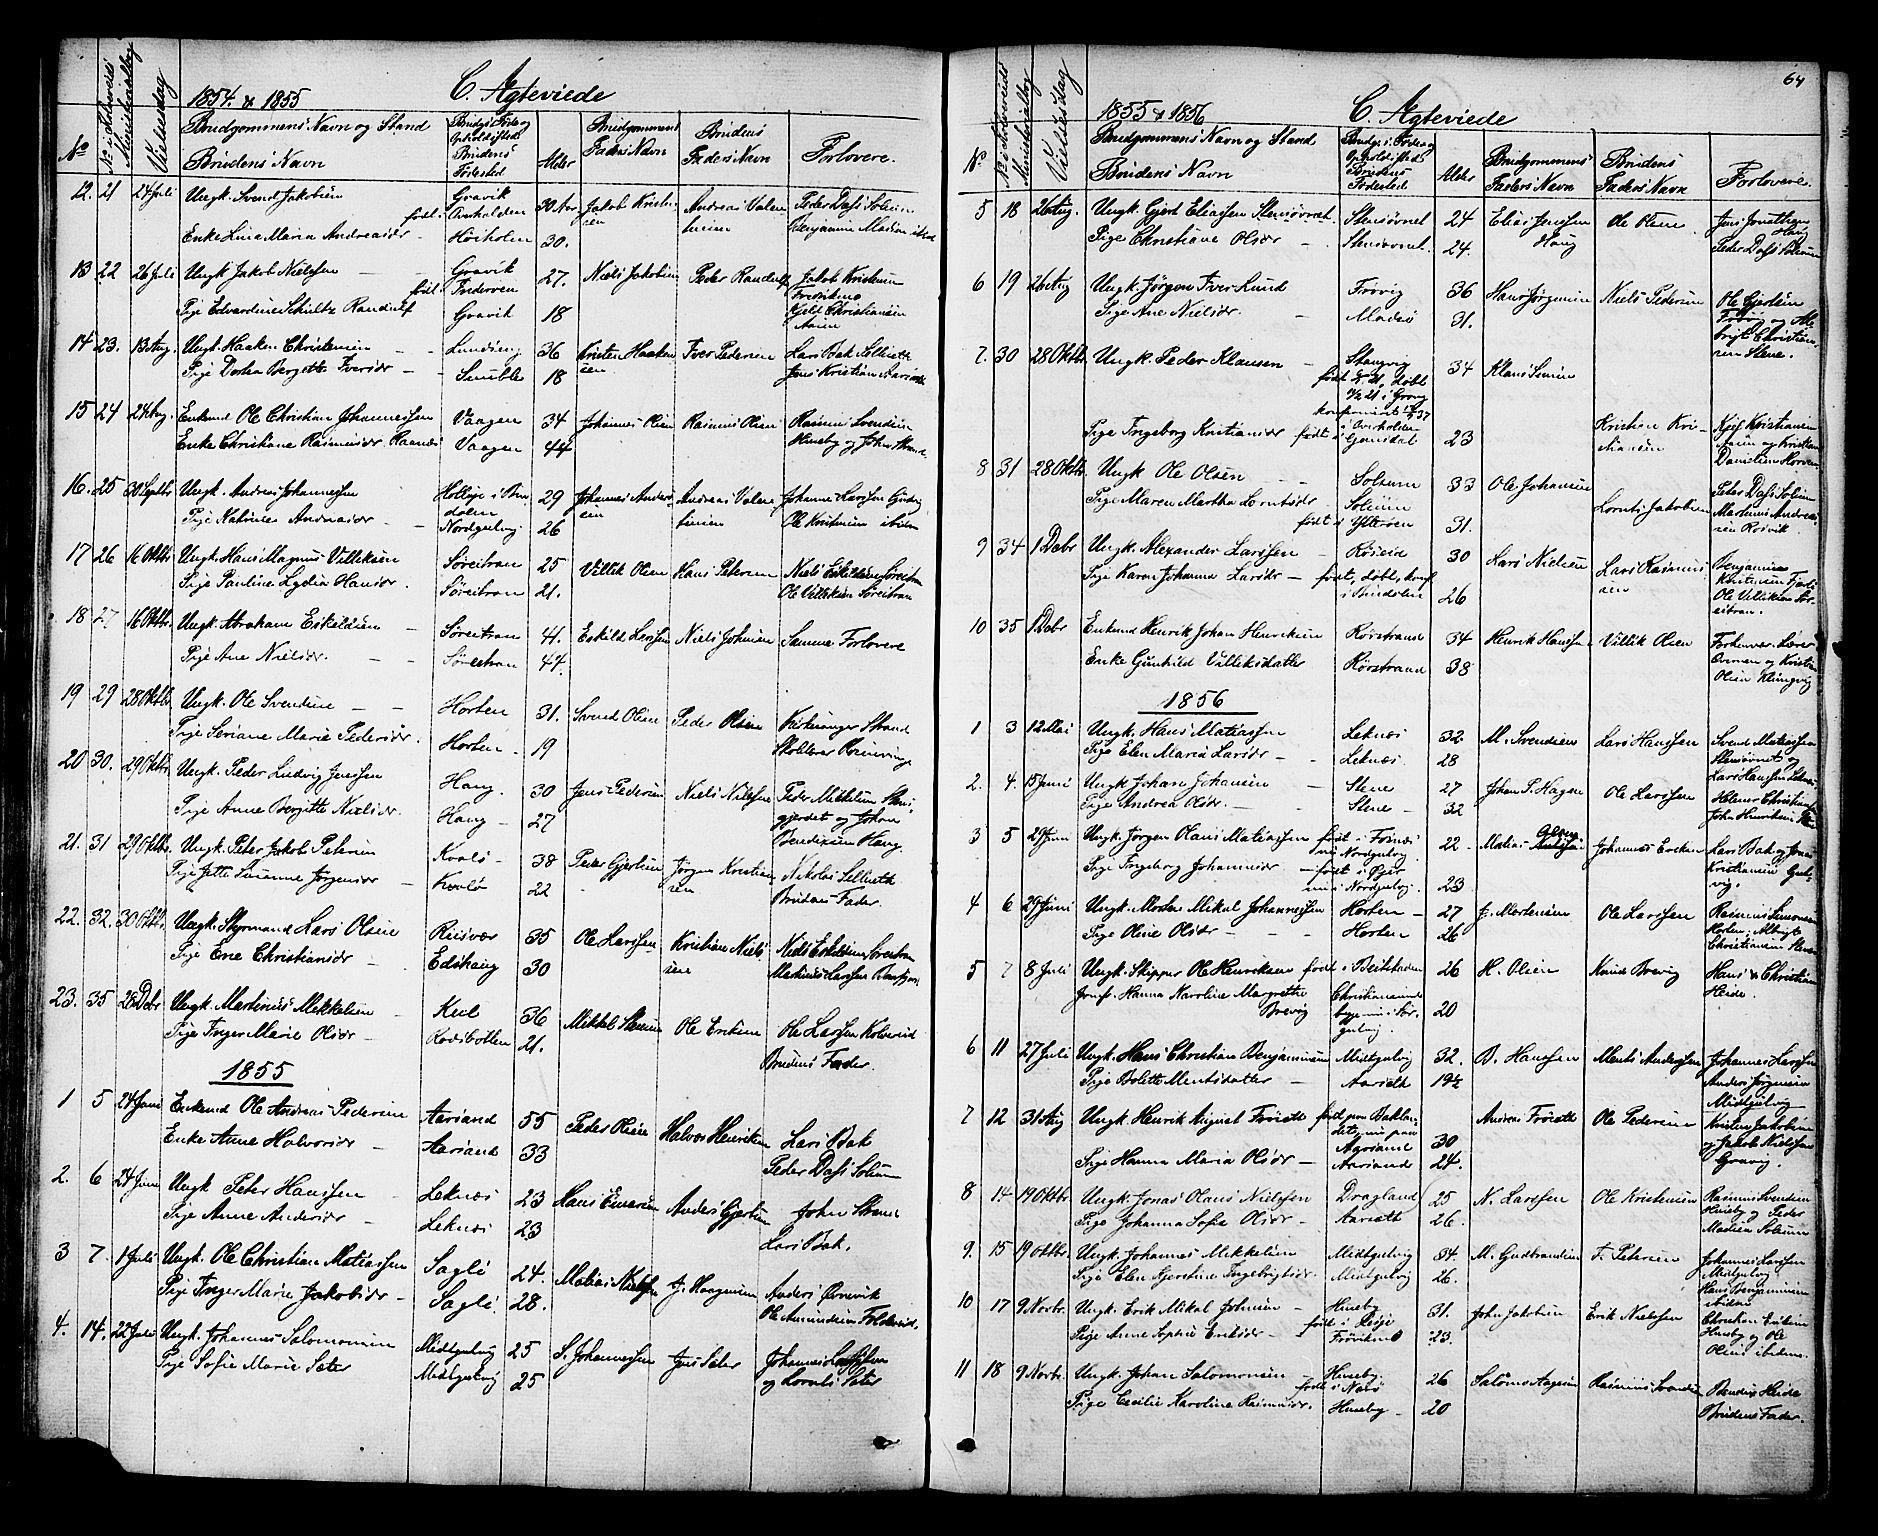 SAT, Ministerialprotokoller, klokkerbøker og fødselsregistre - Nord-Trøndelag, 788/L0695: Ministerialbok nr. 788A02, 1843-1862, s. 64